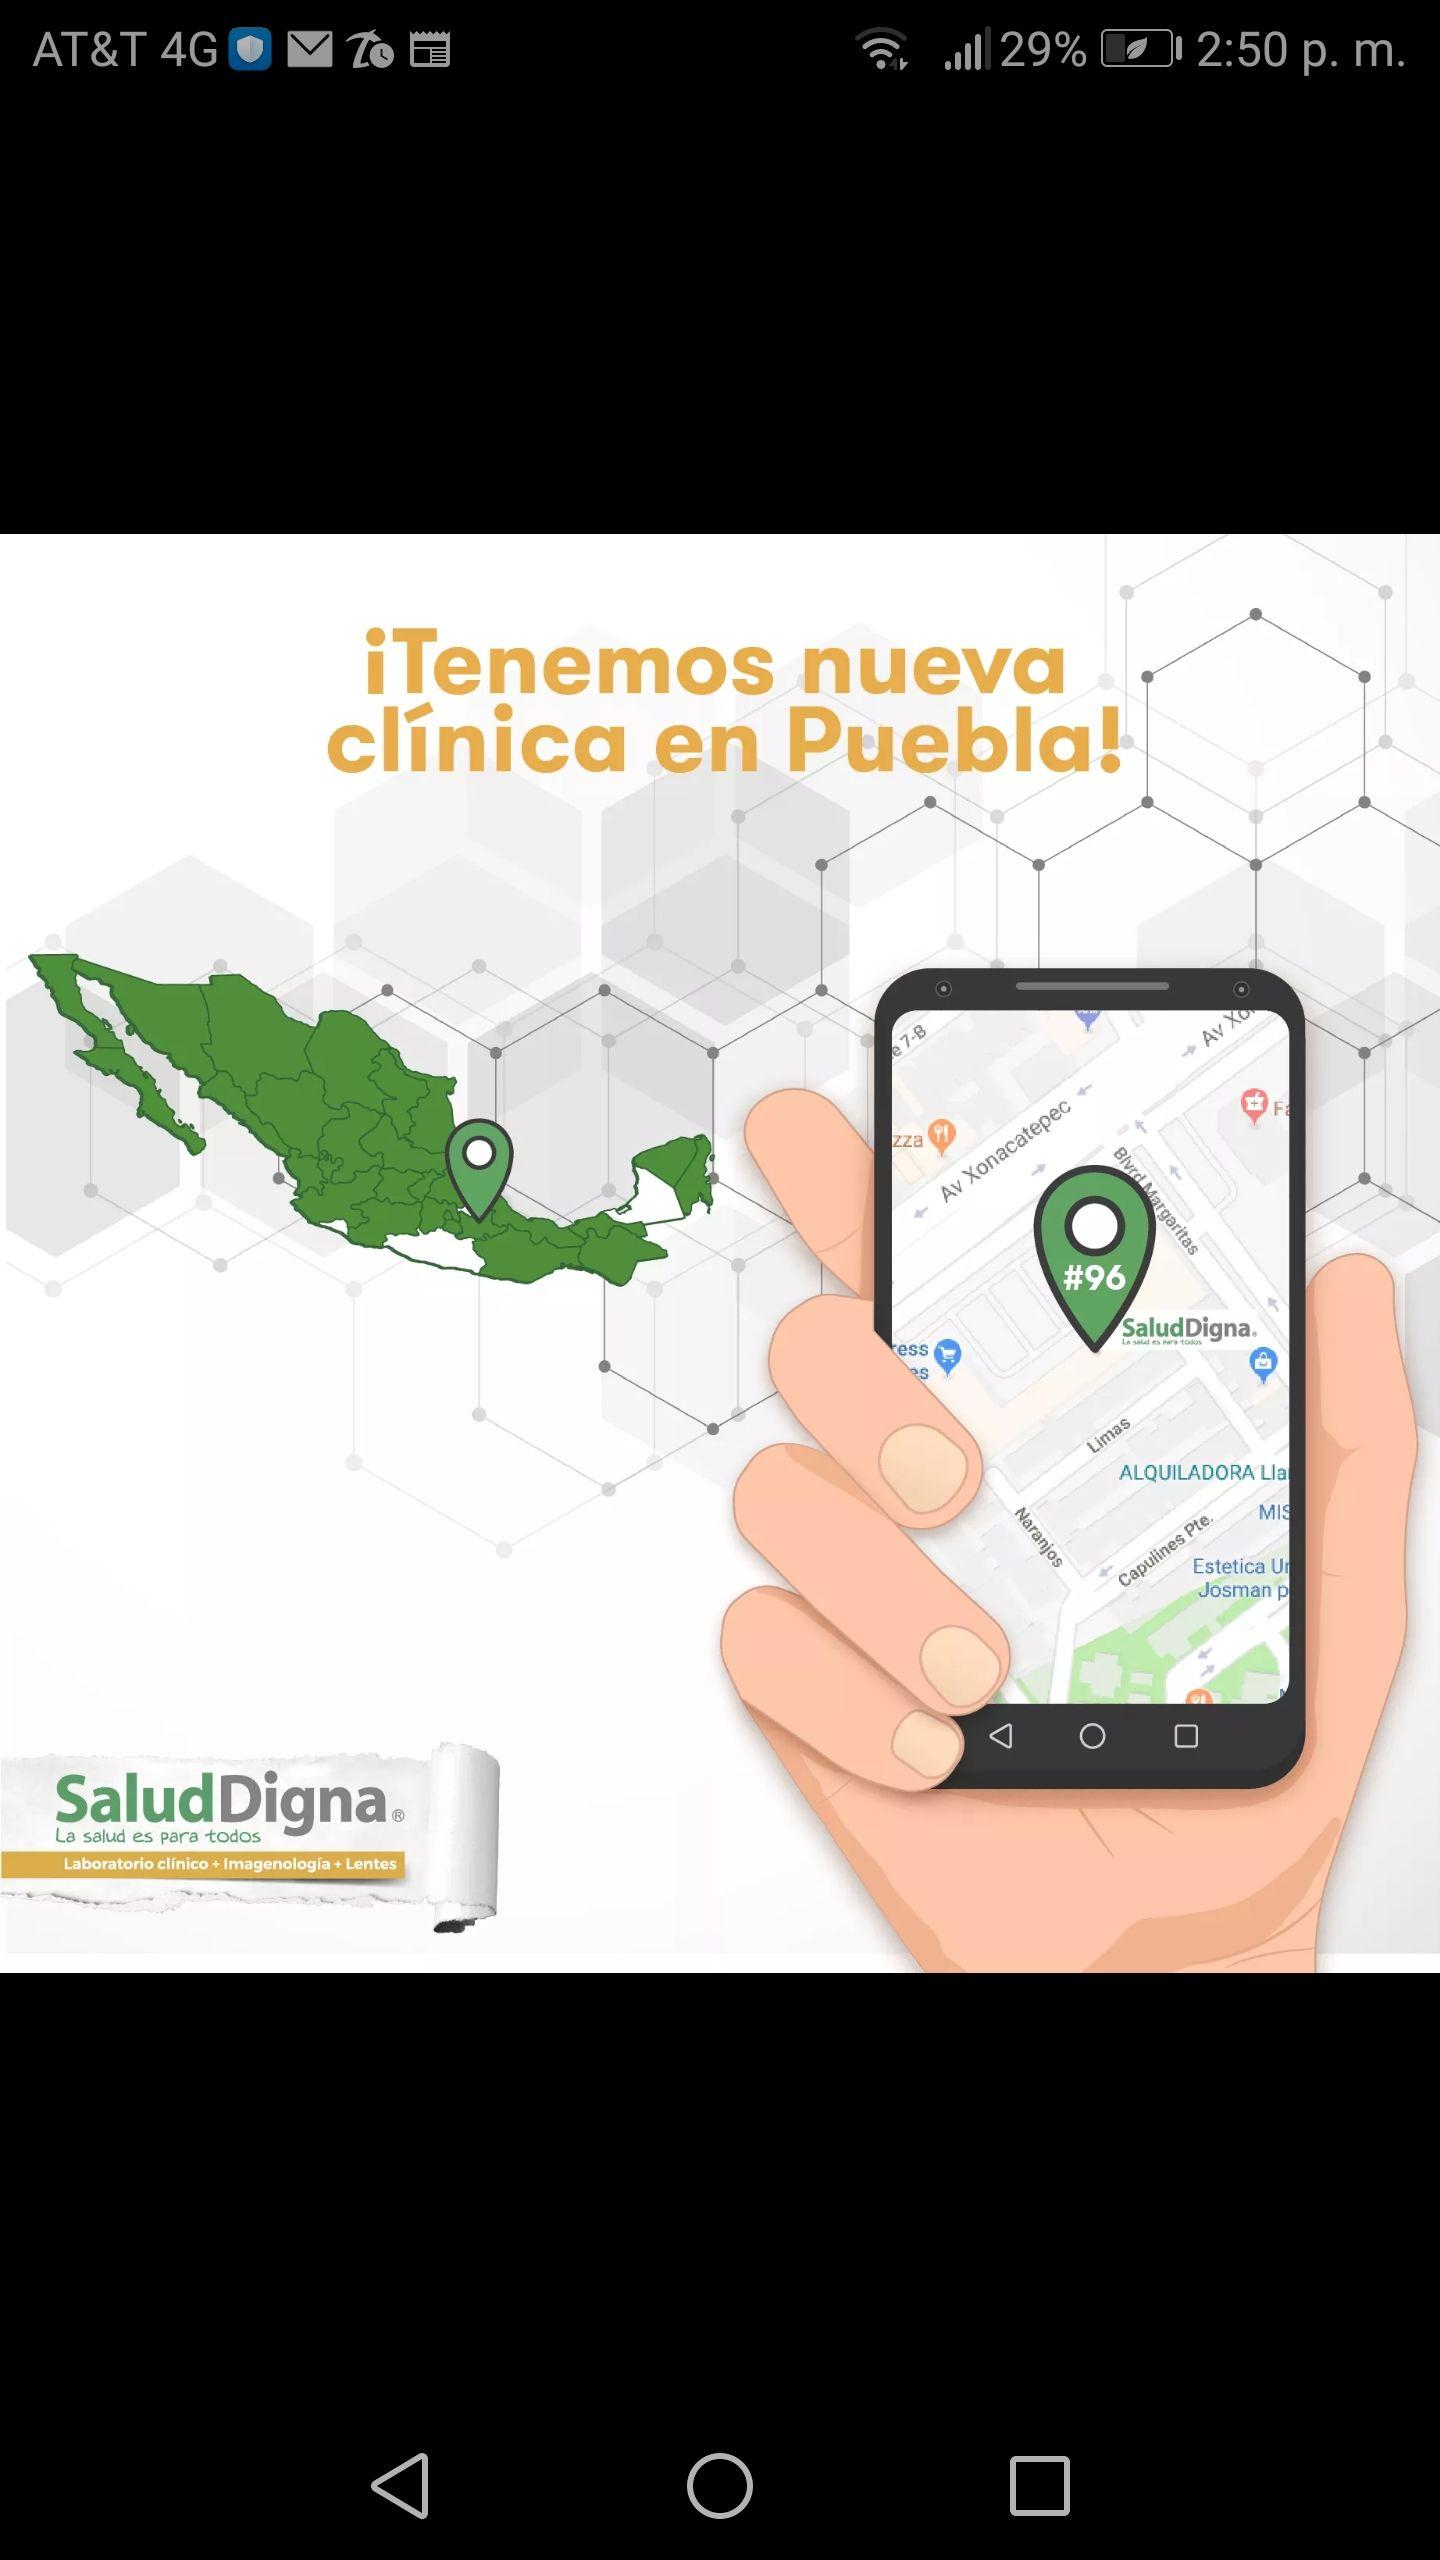 Salud Digna Puebla Clínica San Sebastián: Estudios gratis